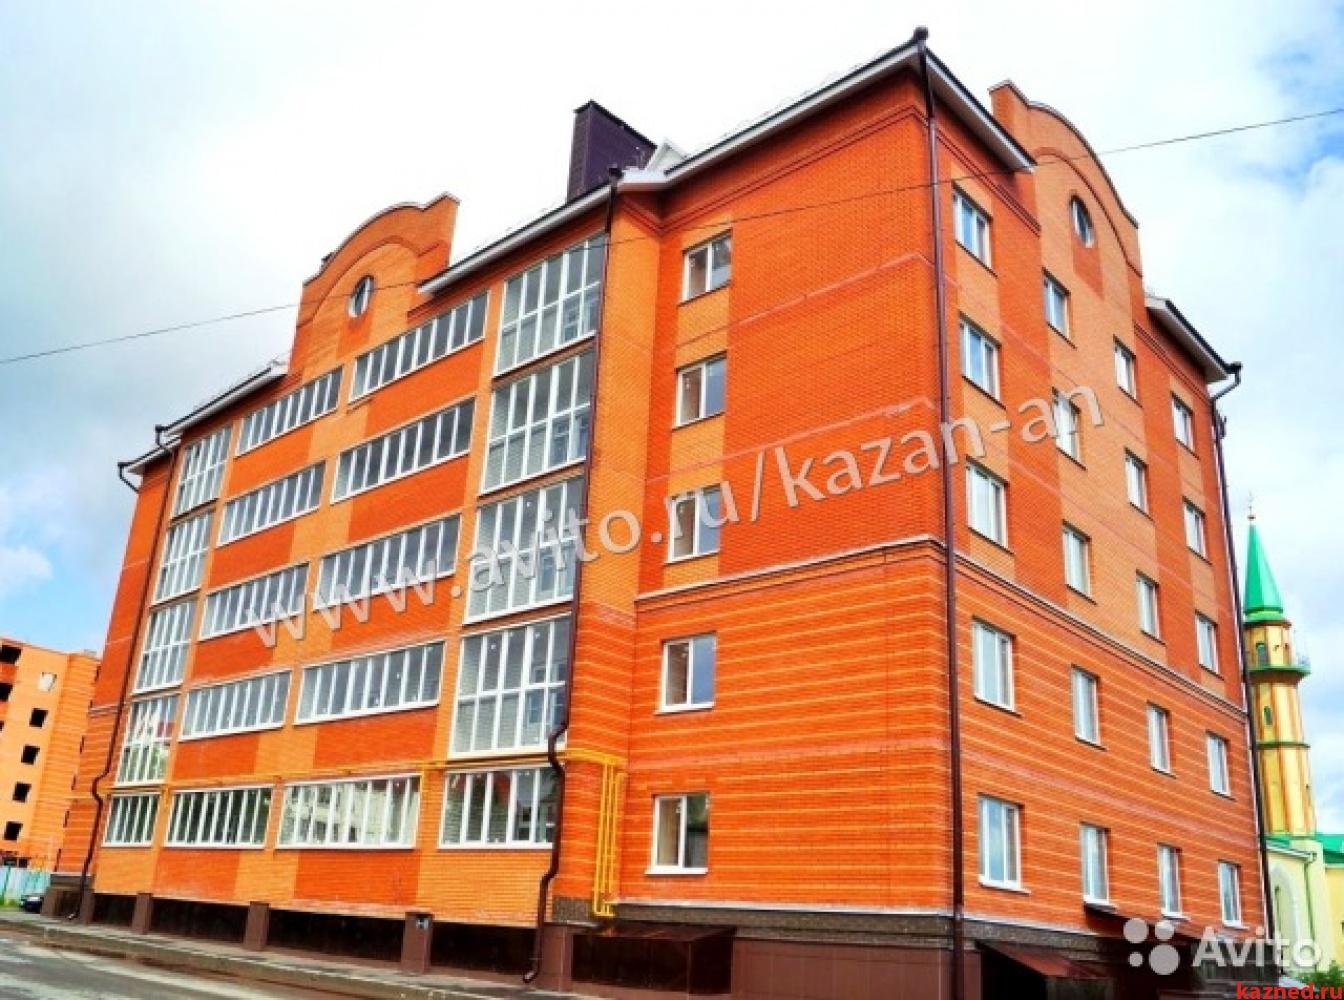 Продажа 2-к квартиры Комсомольская, д. 26, 74 м2  (миниатюра №1)